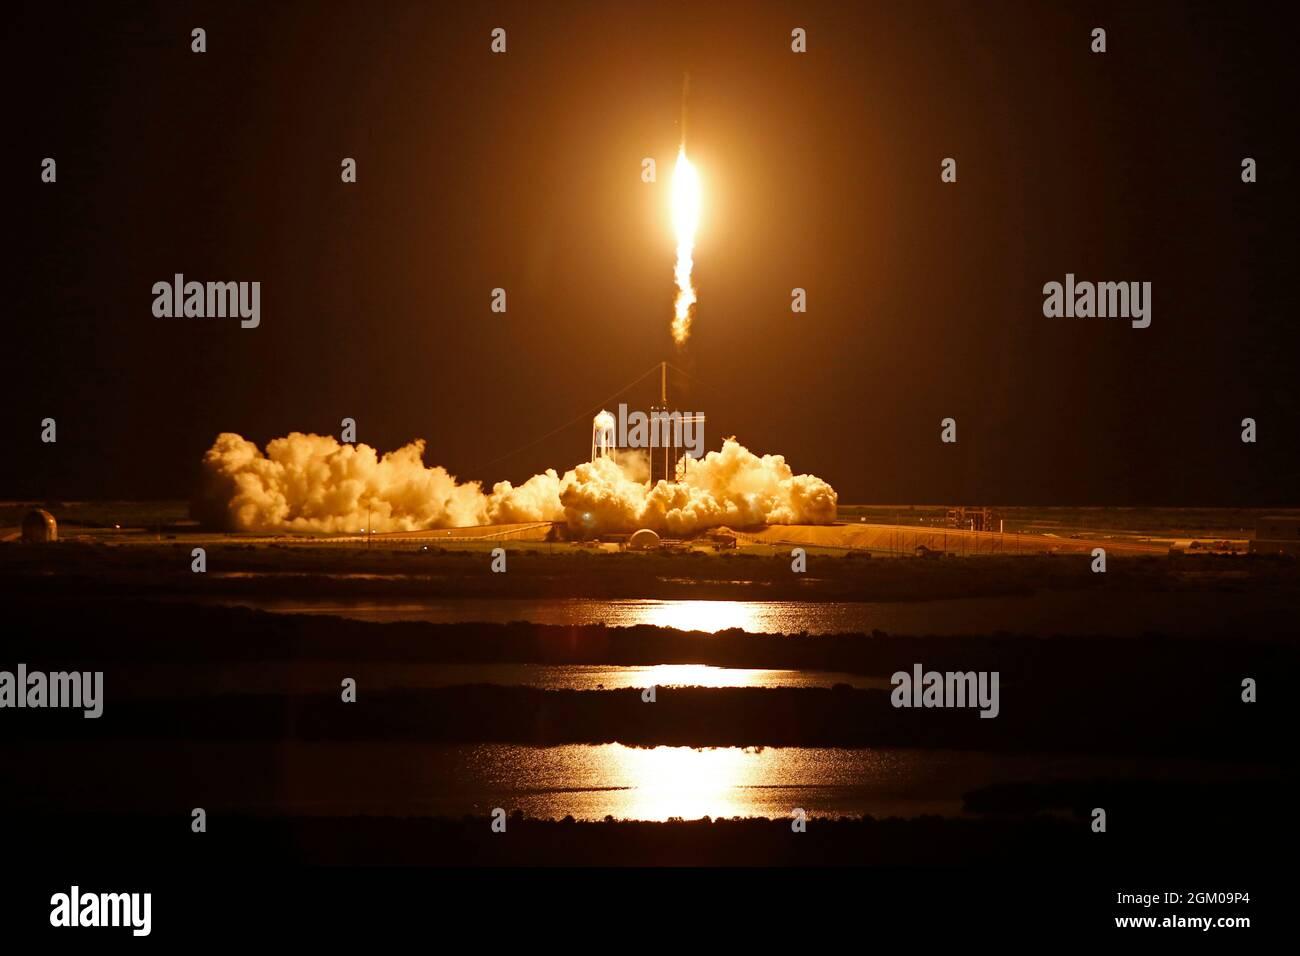 L'equipaggio civile Inspiration 4 a bordo di una capsula Crew Dragon e di un razzo SpaceX Falcon 9 viene lanciato da Pad 39A al Kennedy Space Center di Cape Canaveral, Florida, il 15 settembre 2021. REUTERS/Joe Skipper Foto Stock